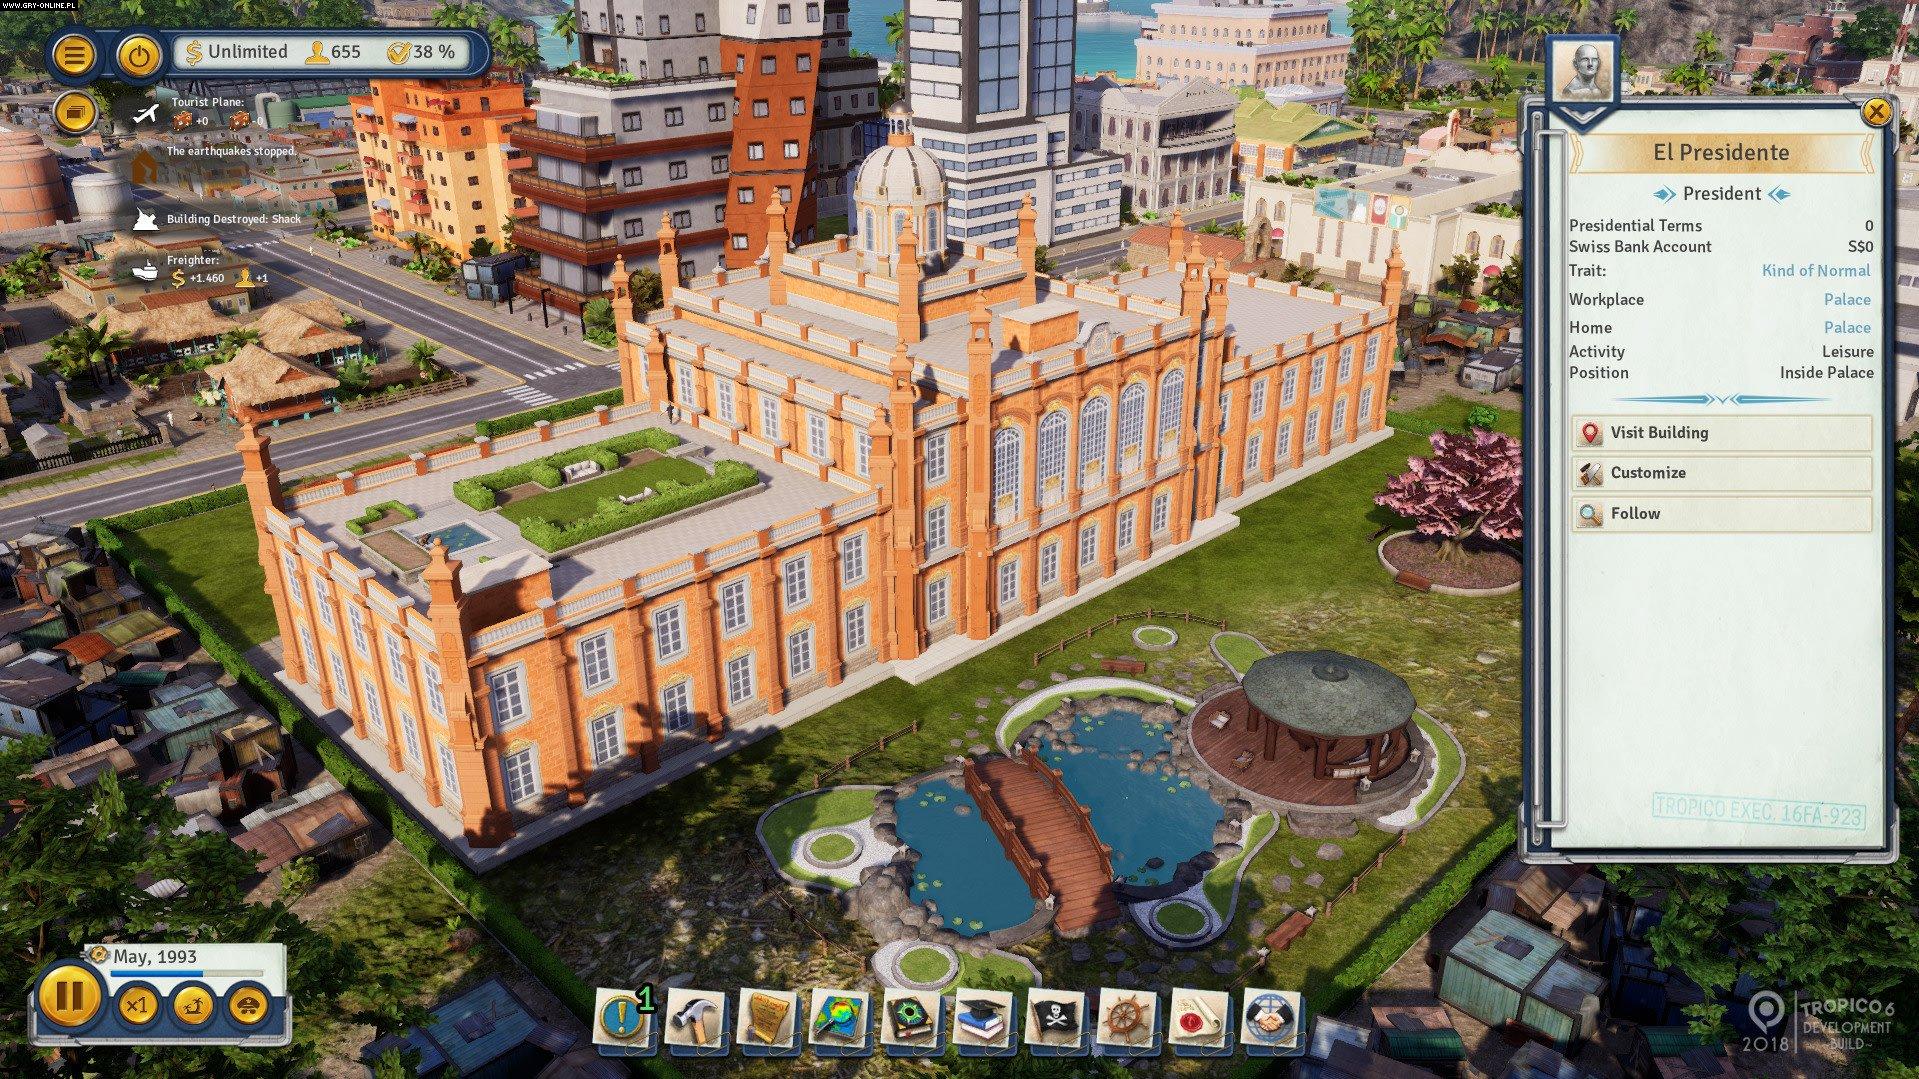 Tropico 6 PC Games Image 24/47, Limbic Entertainment, Kalypso Media